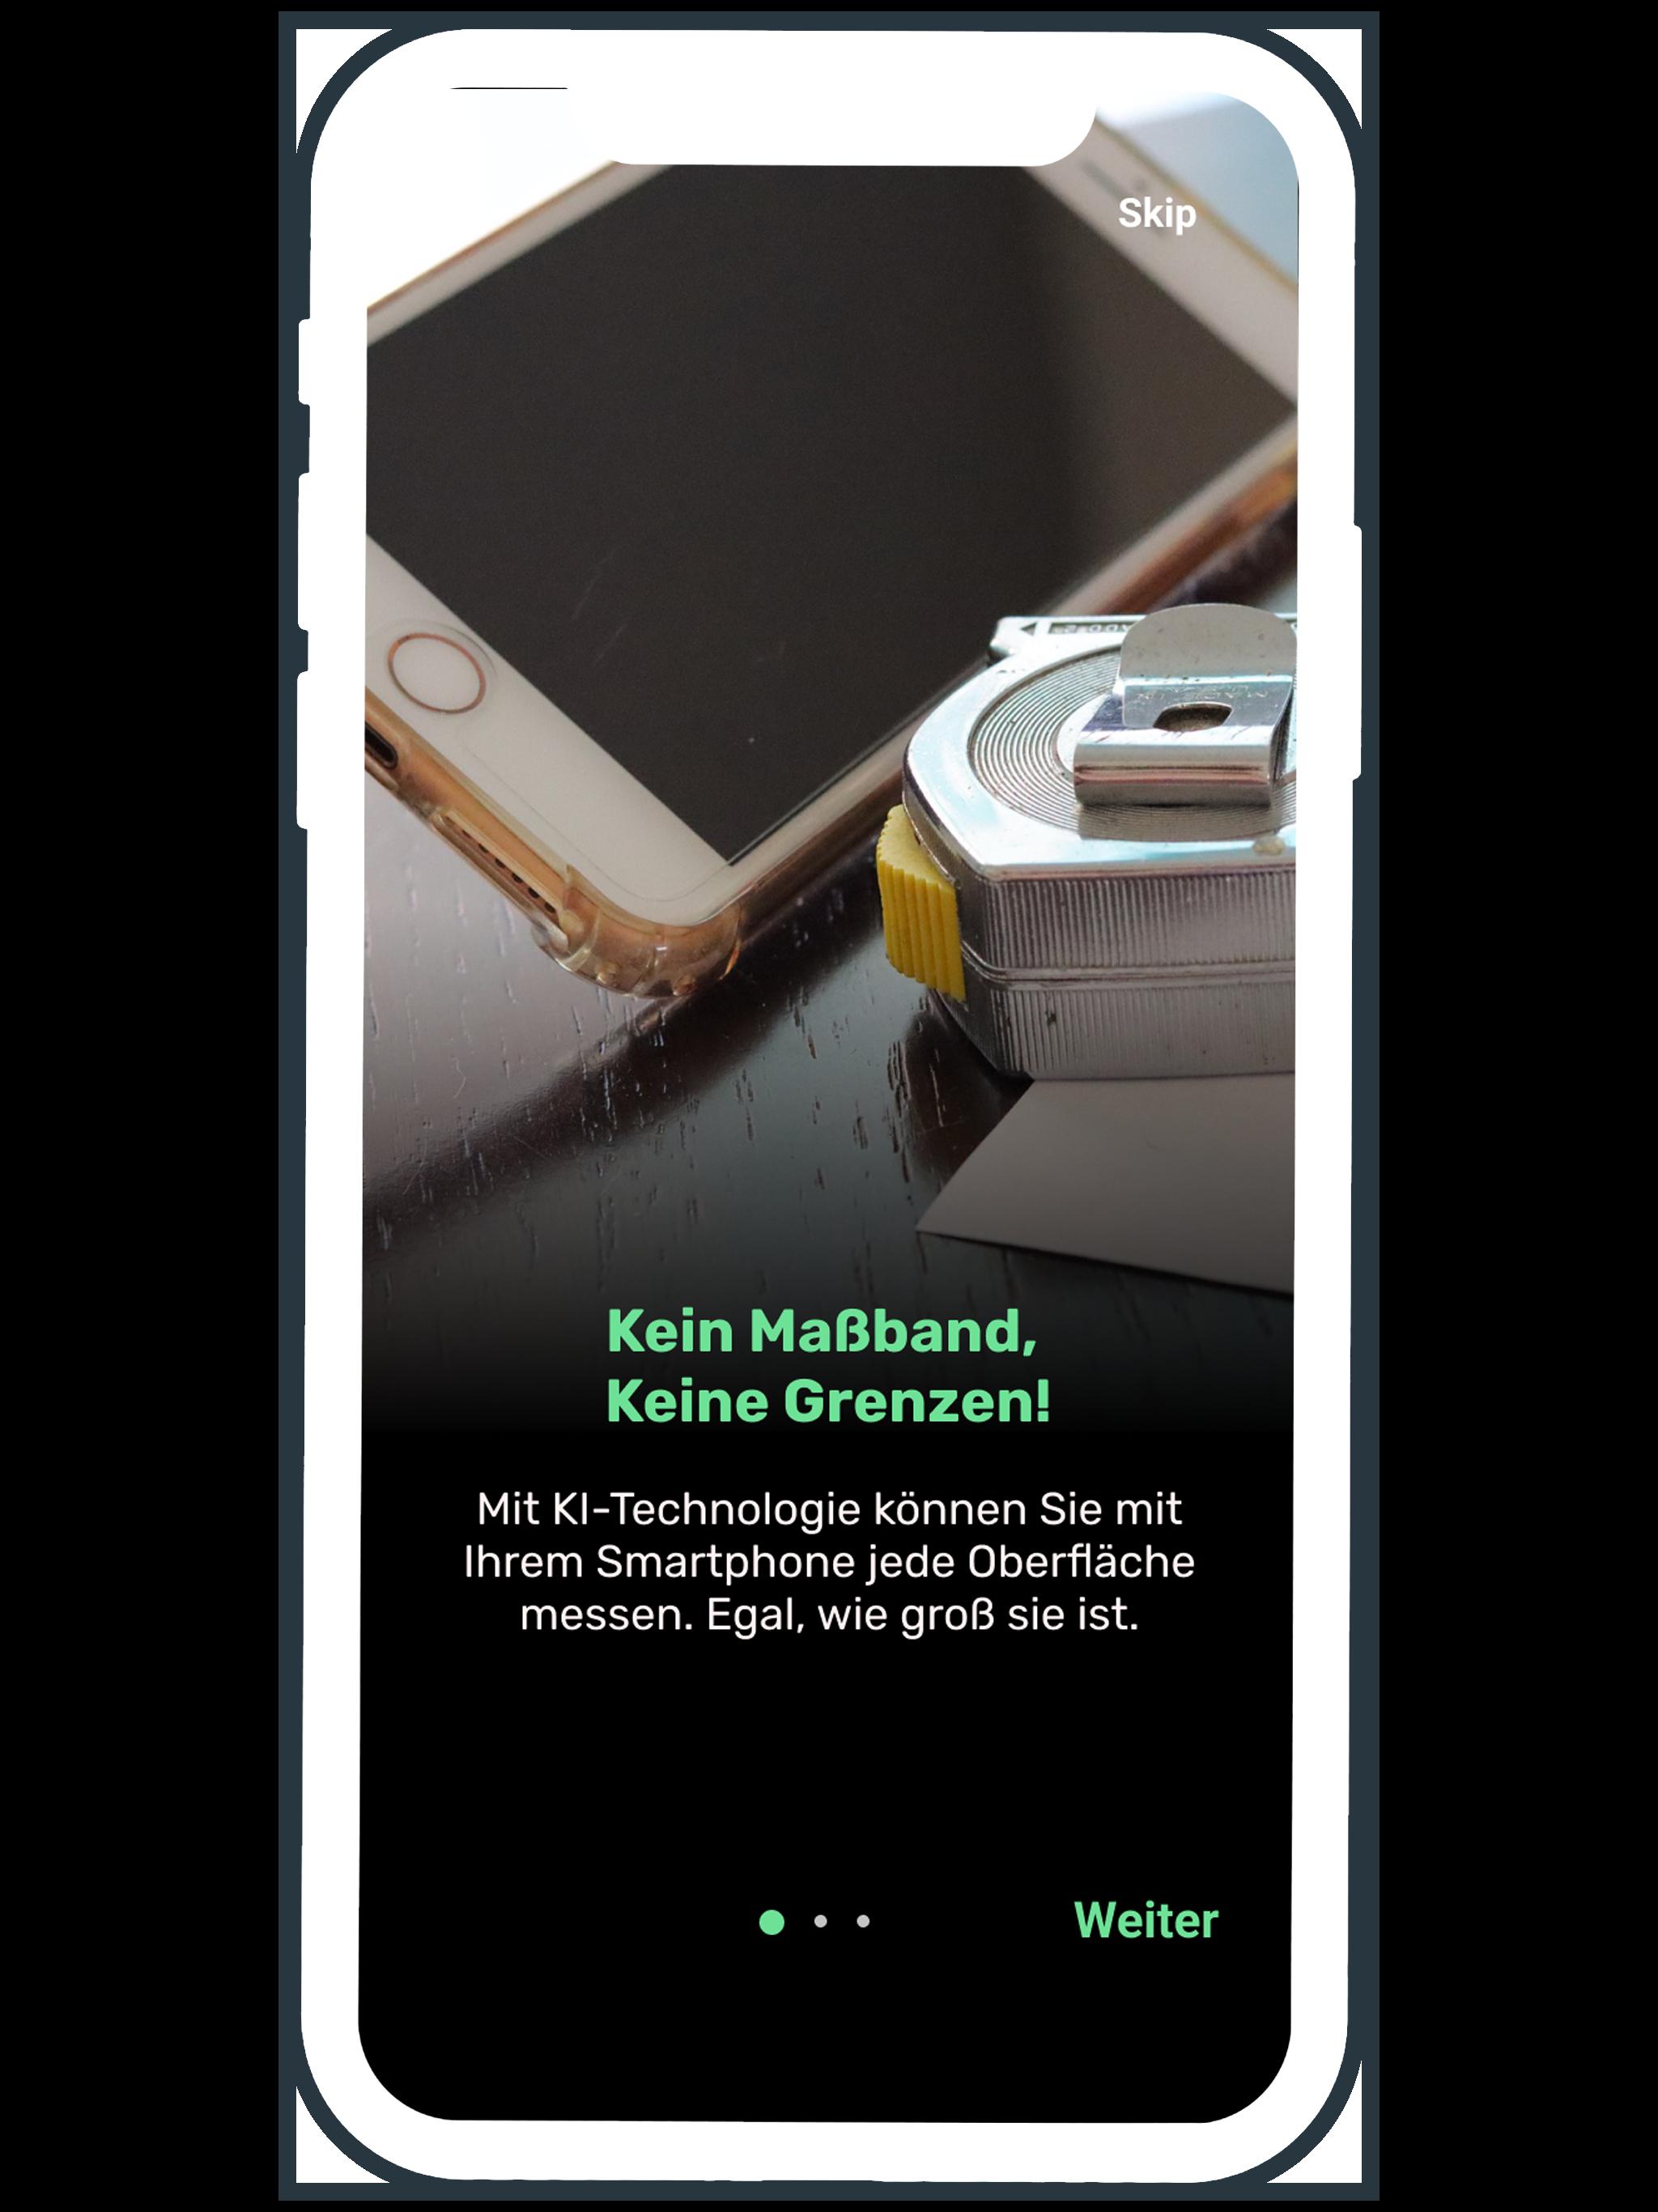 mit der Aufmaß App smart to plan können alle Oberflächen gemessen werde